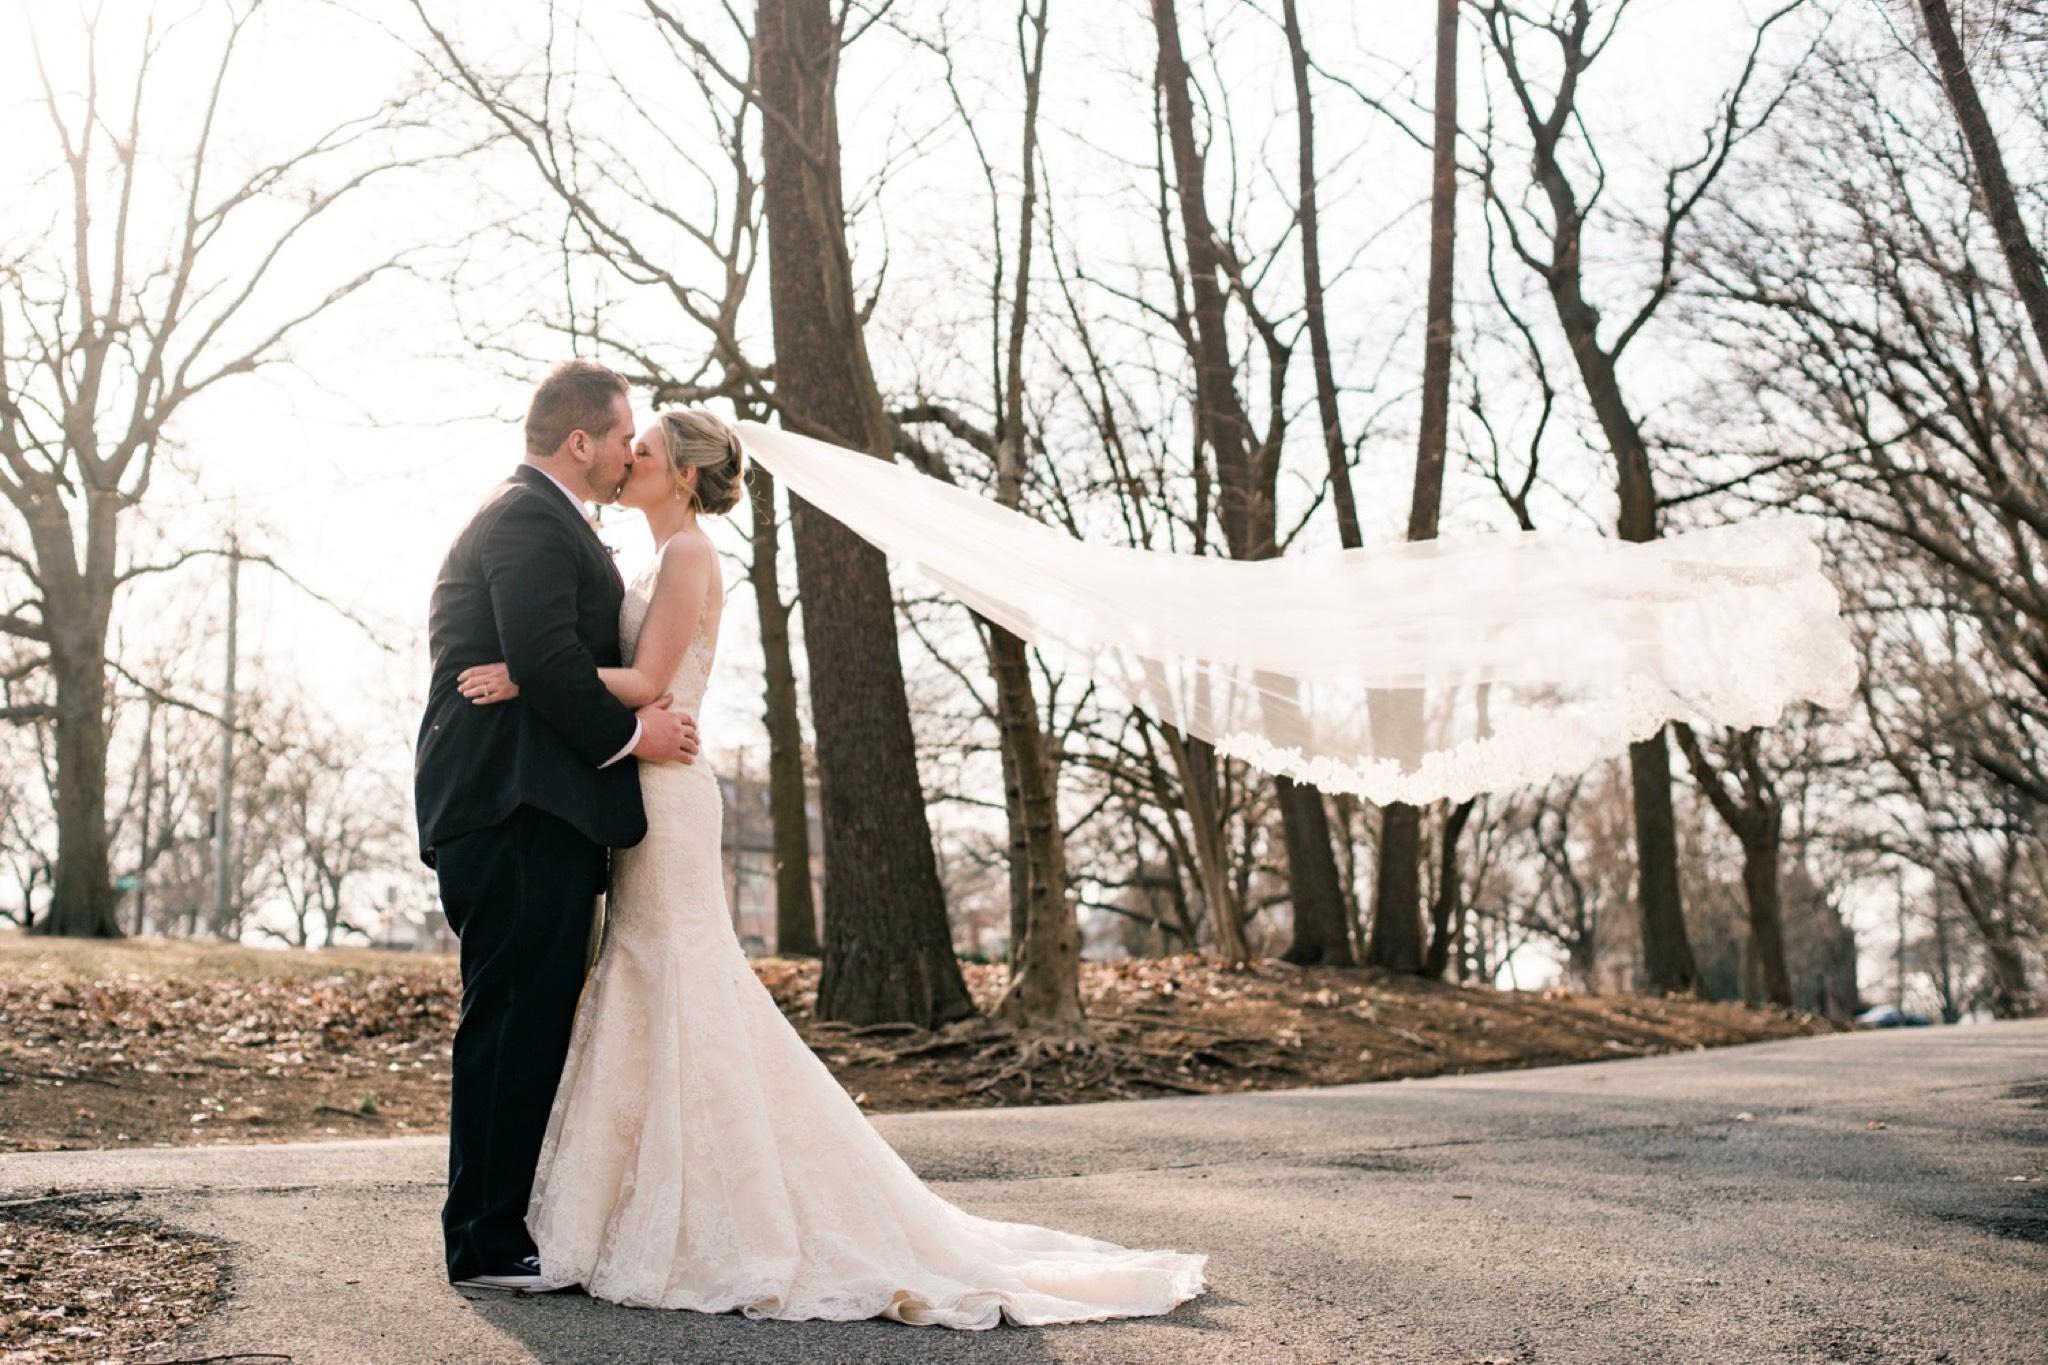 Veil Photo Staten Island Wedding